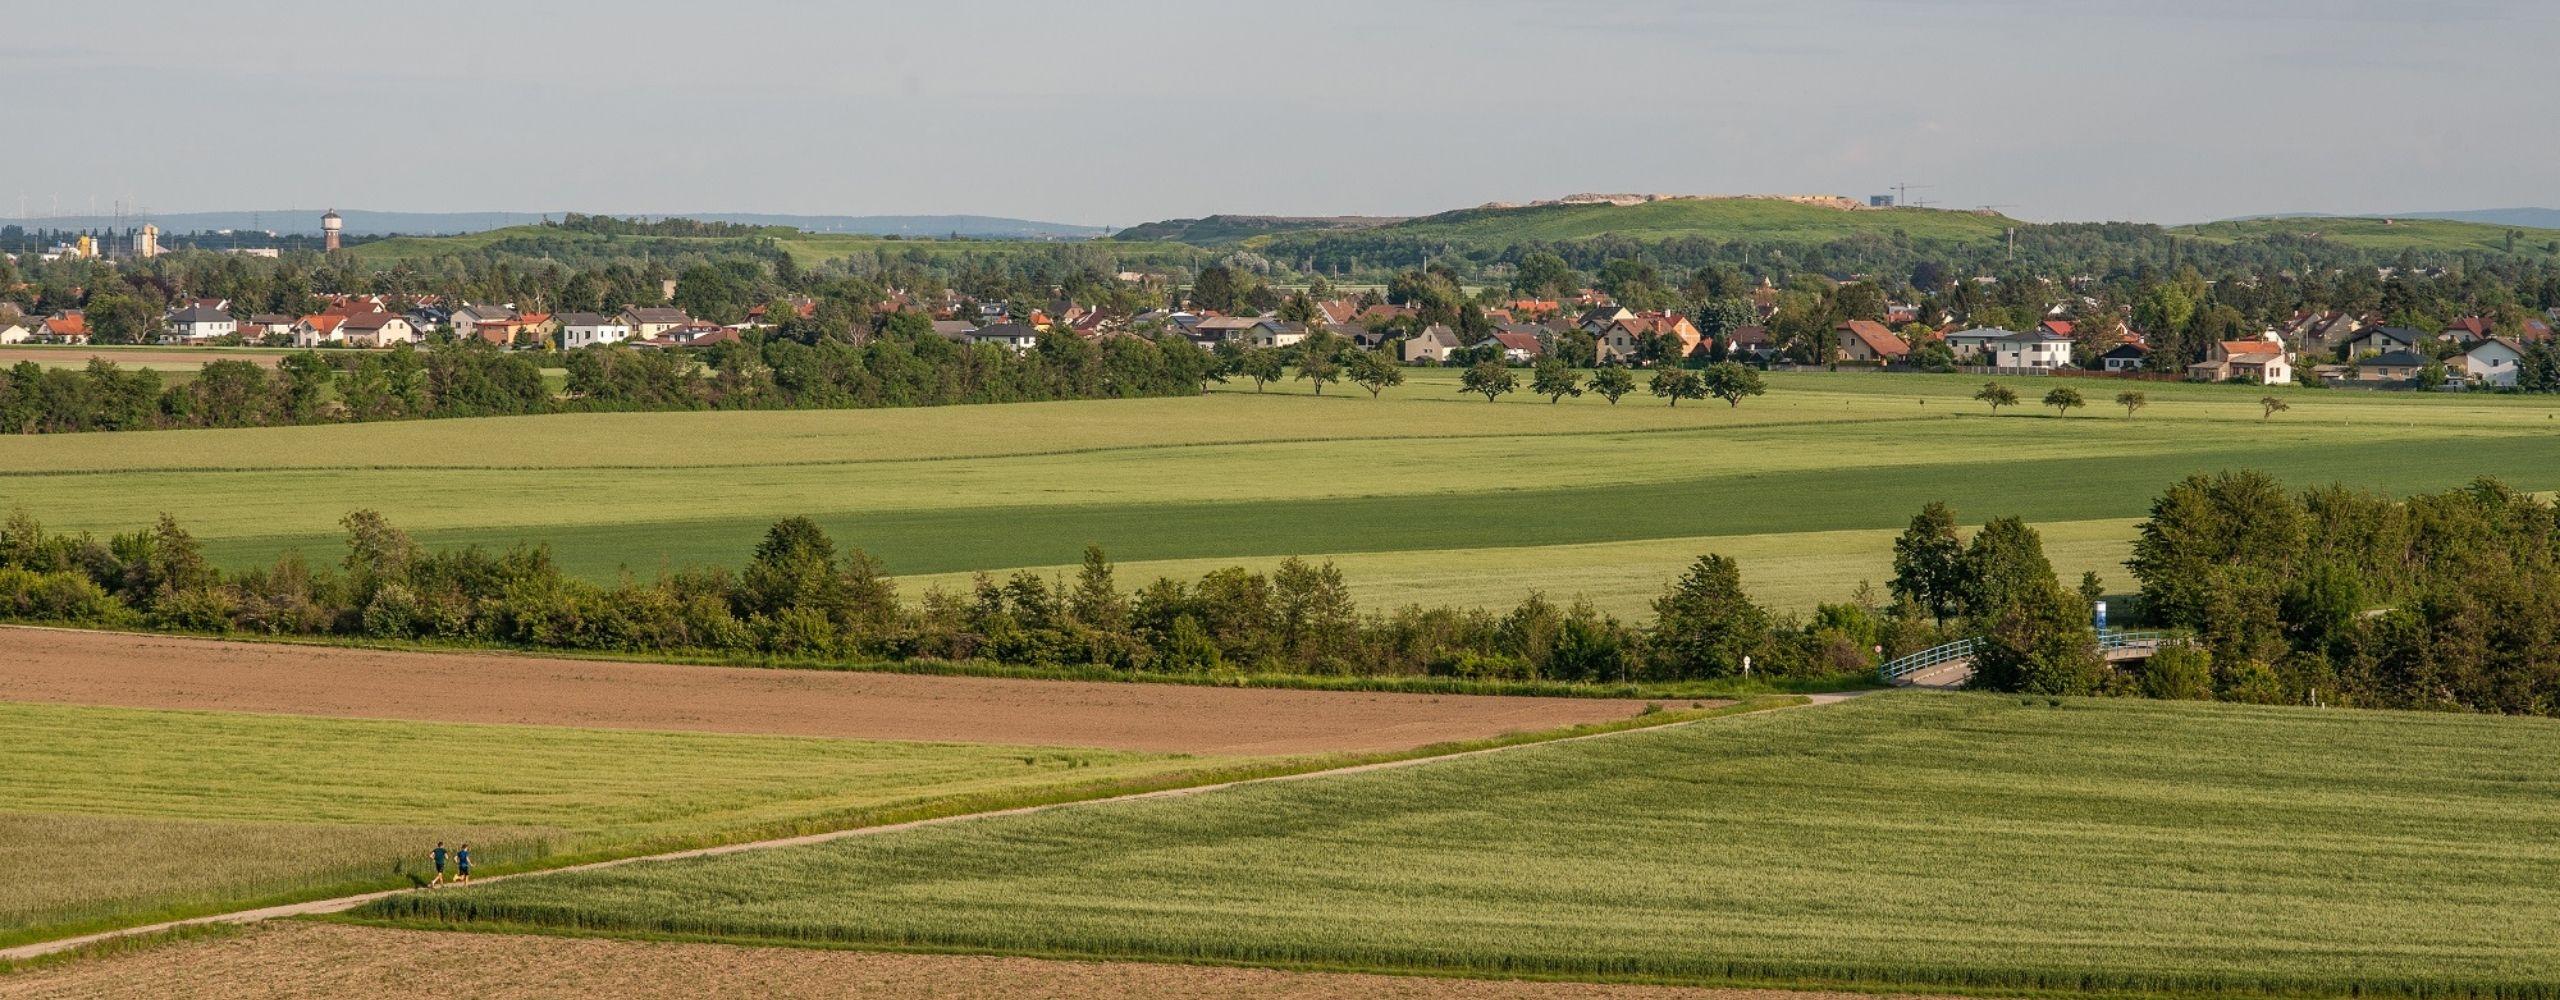 Felder im Regionalpark DreiAnger, © Stadt Wien/Gerd Götzenbrucker